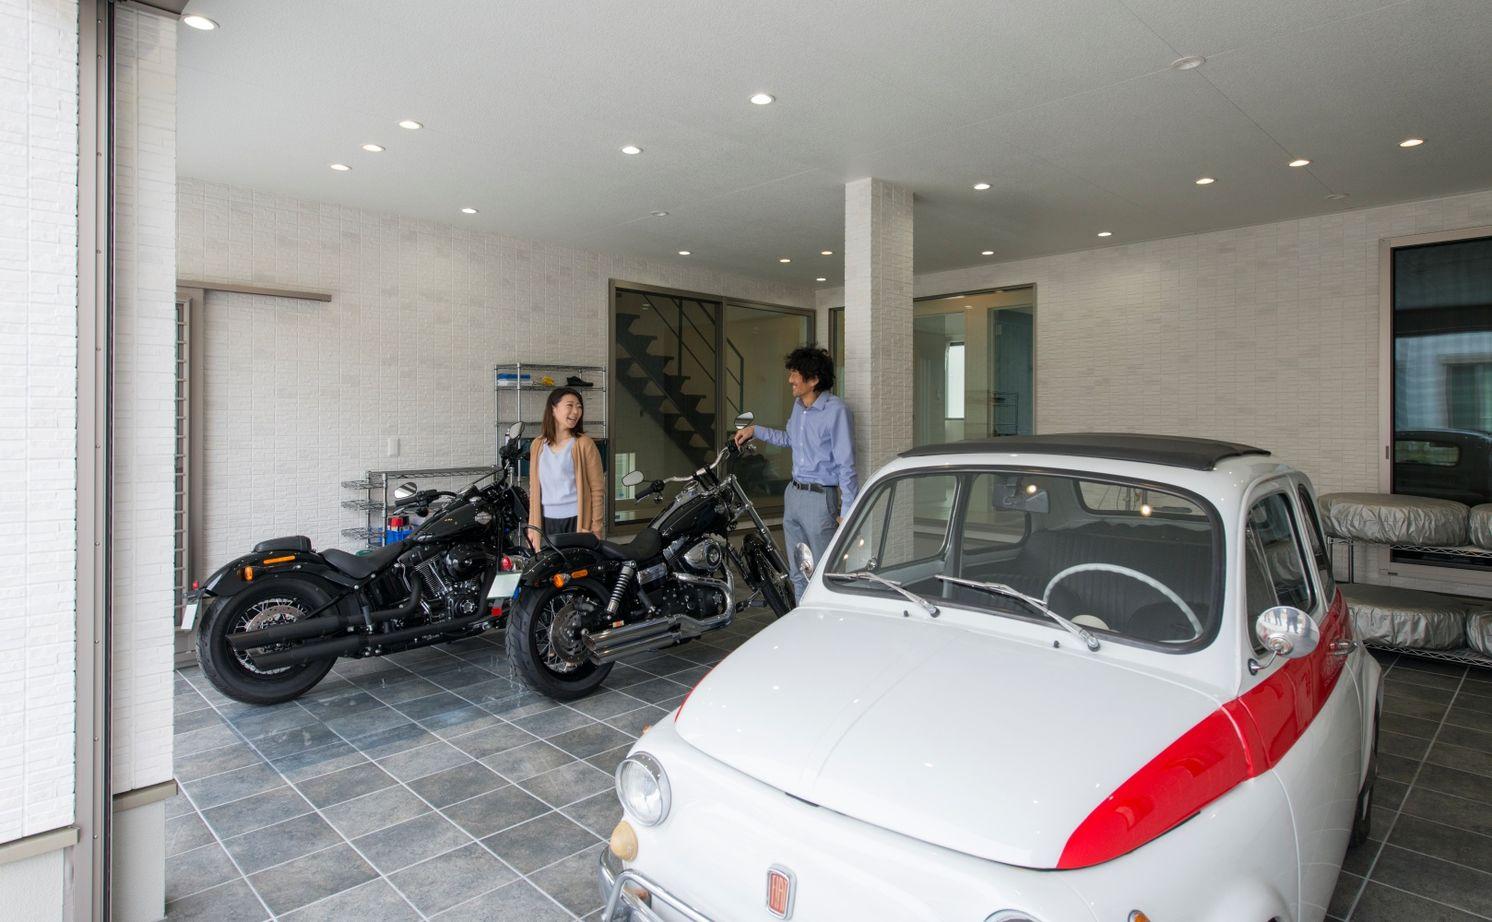 【3000万円台/167.68平米/間取り図あり】ガレージハウスに憧れて建てた一邸 夫婦でバイク&カーライフ満喫画像1